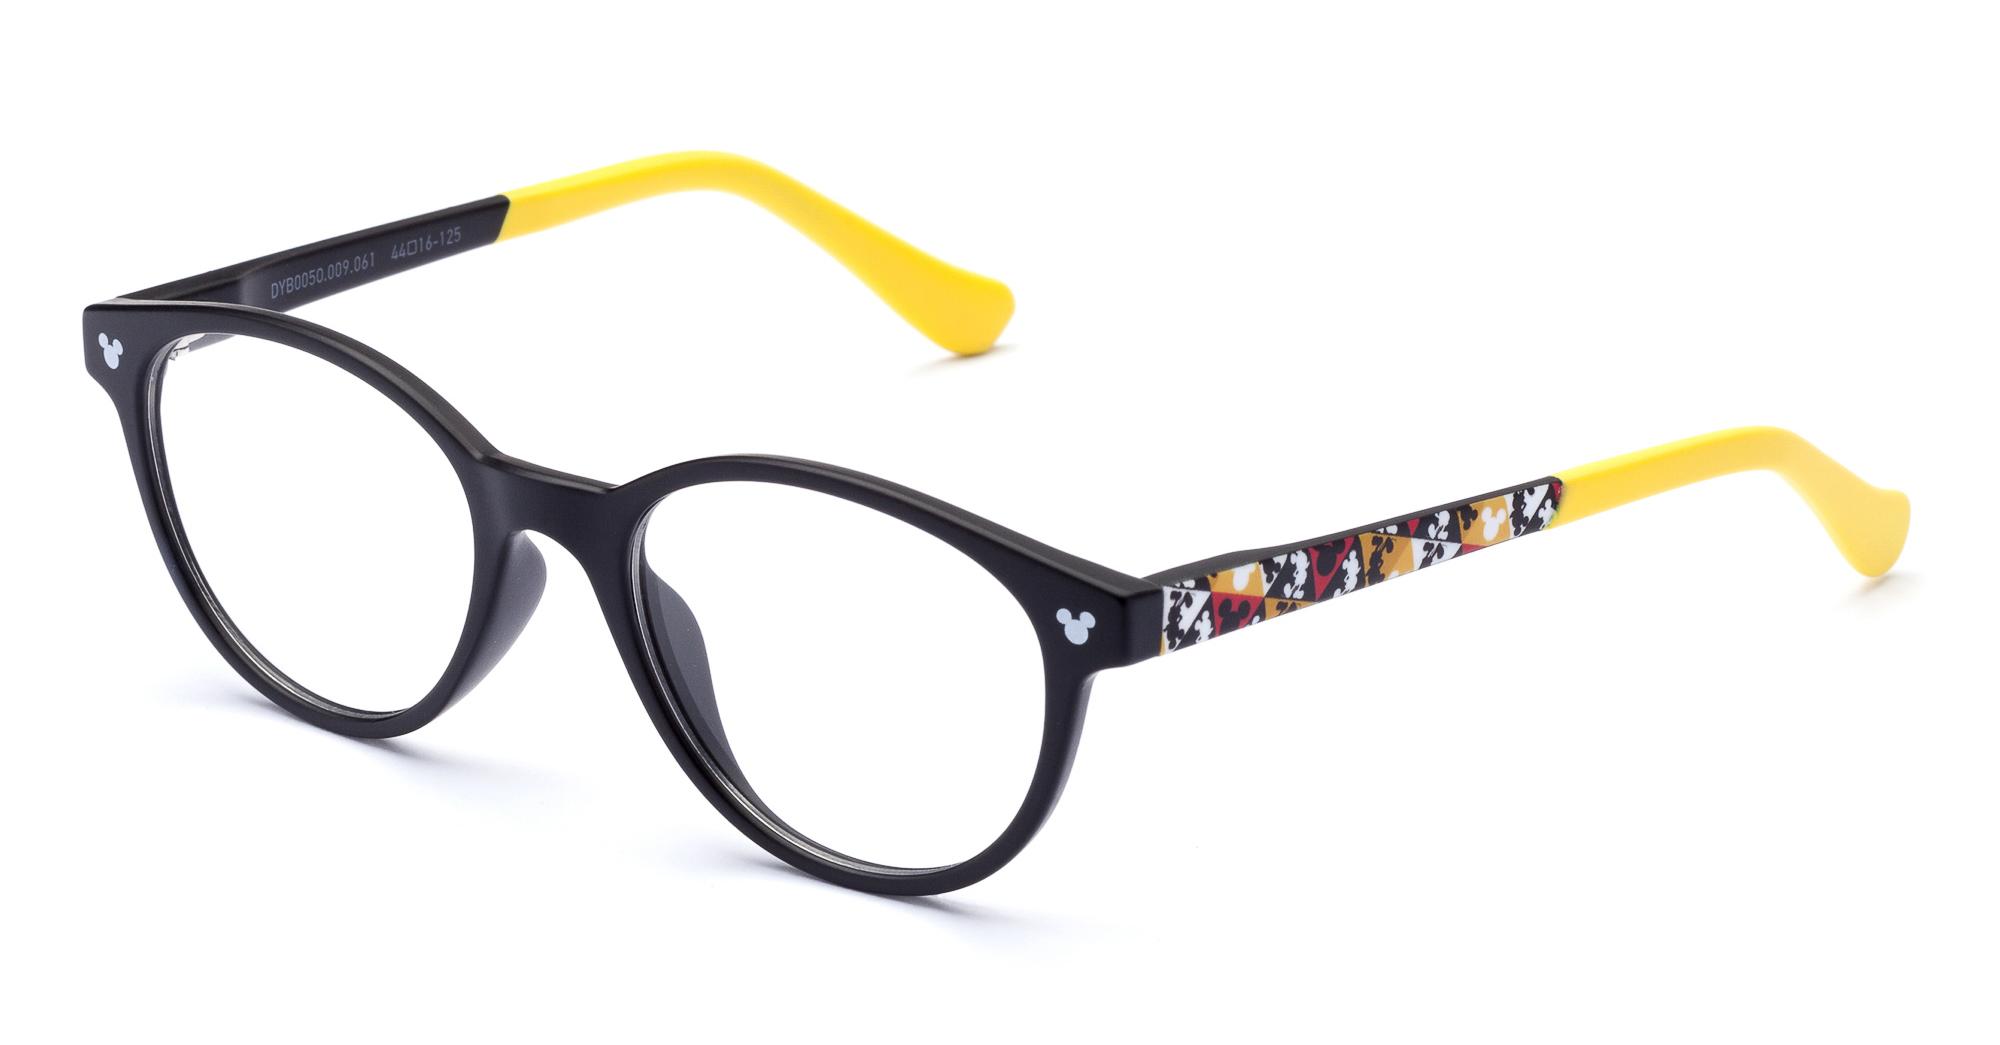 3eb061c57b Gafas graduadas de material plástico inyectado, formas clásicas  reinterpretadas con los colores de Disney y pensadas para los más pequeños.